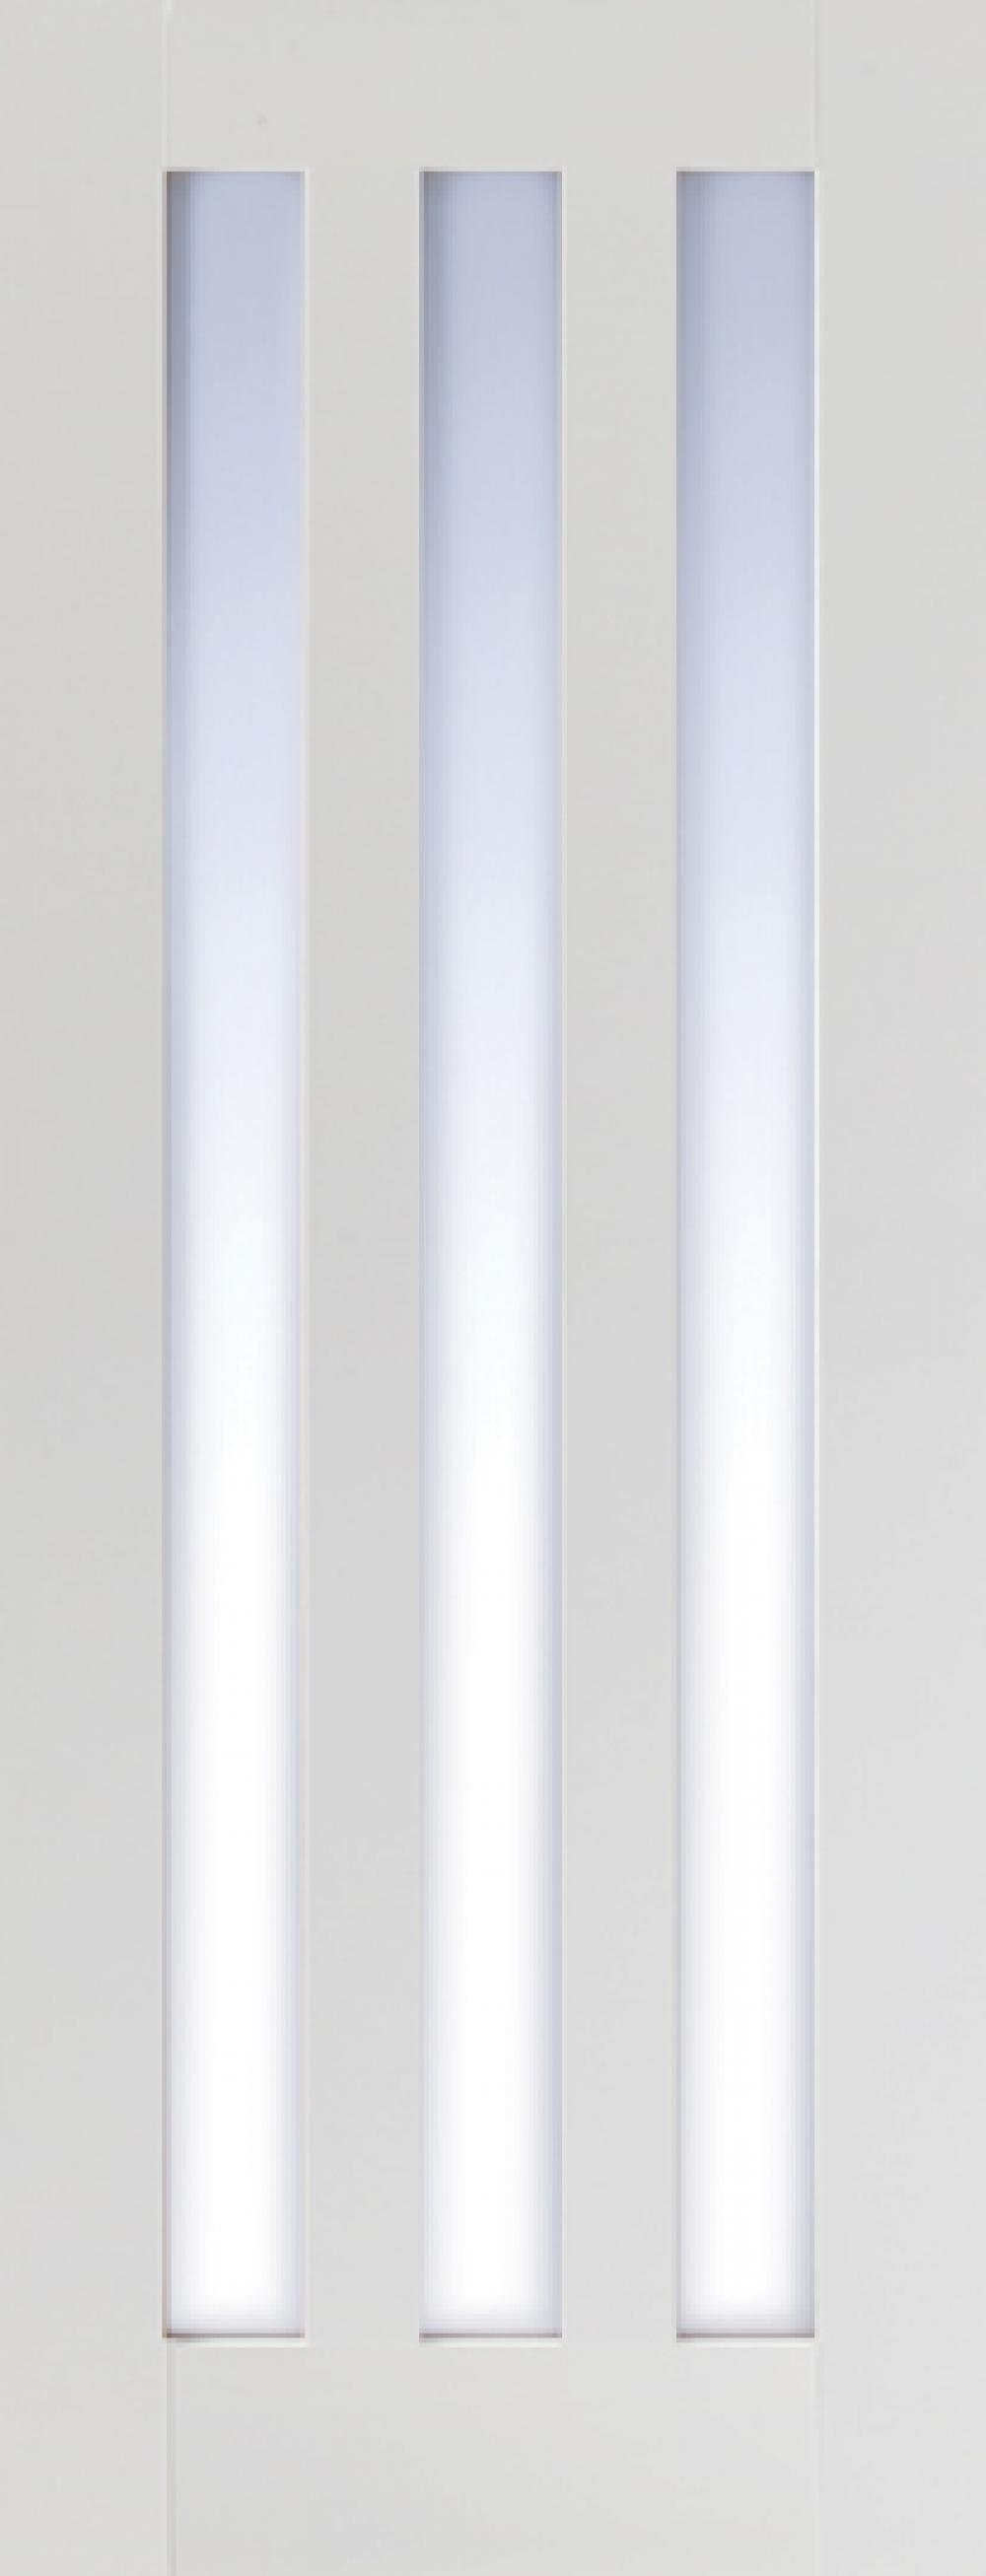 Utah White 3 Light - Clear Glass Image